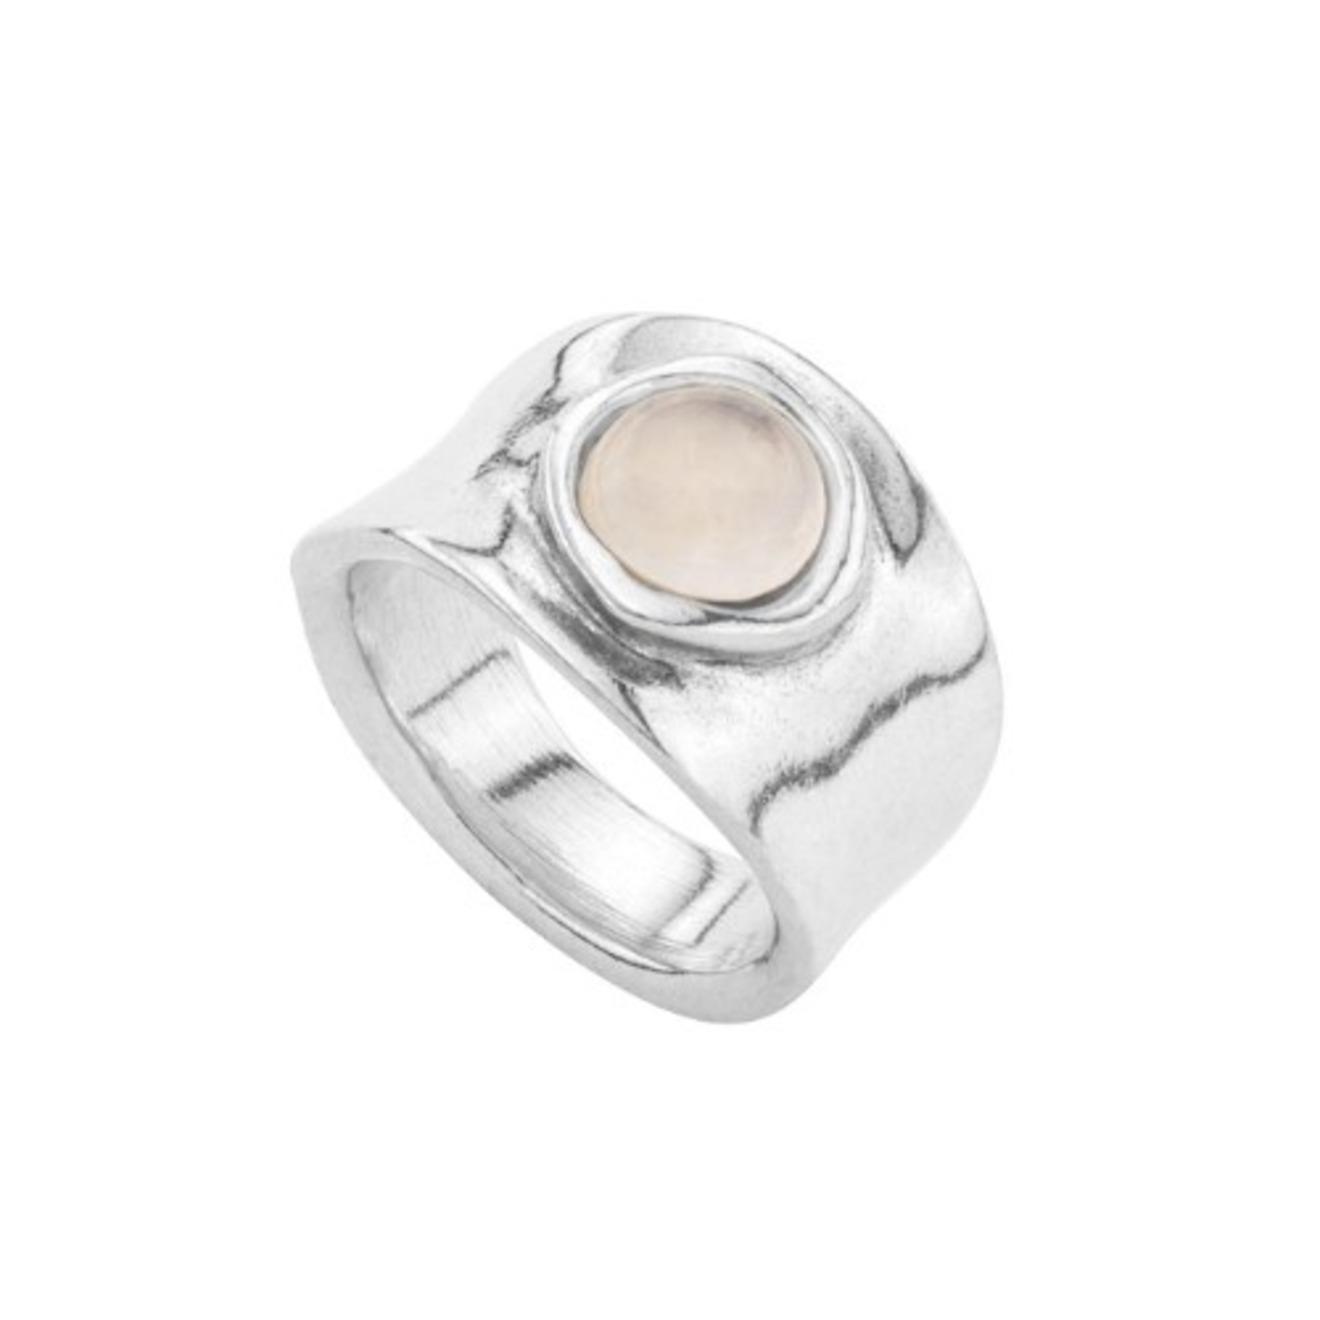 Unode50 Серебристое кольцо «My talisman» с розовым кристаллом, из коллекции My luck